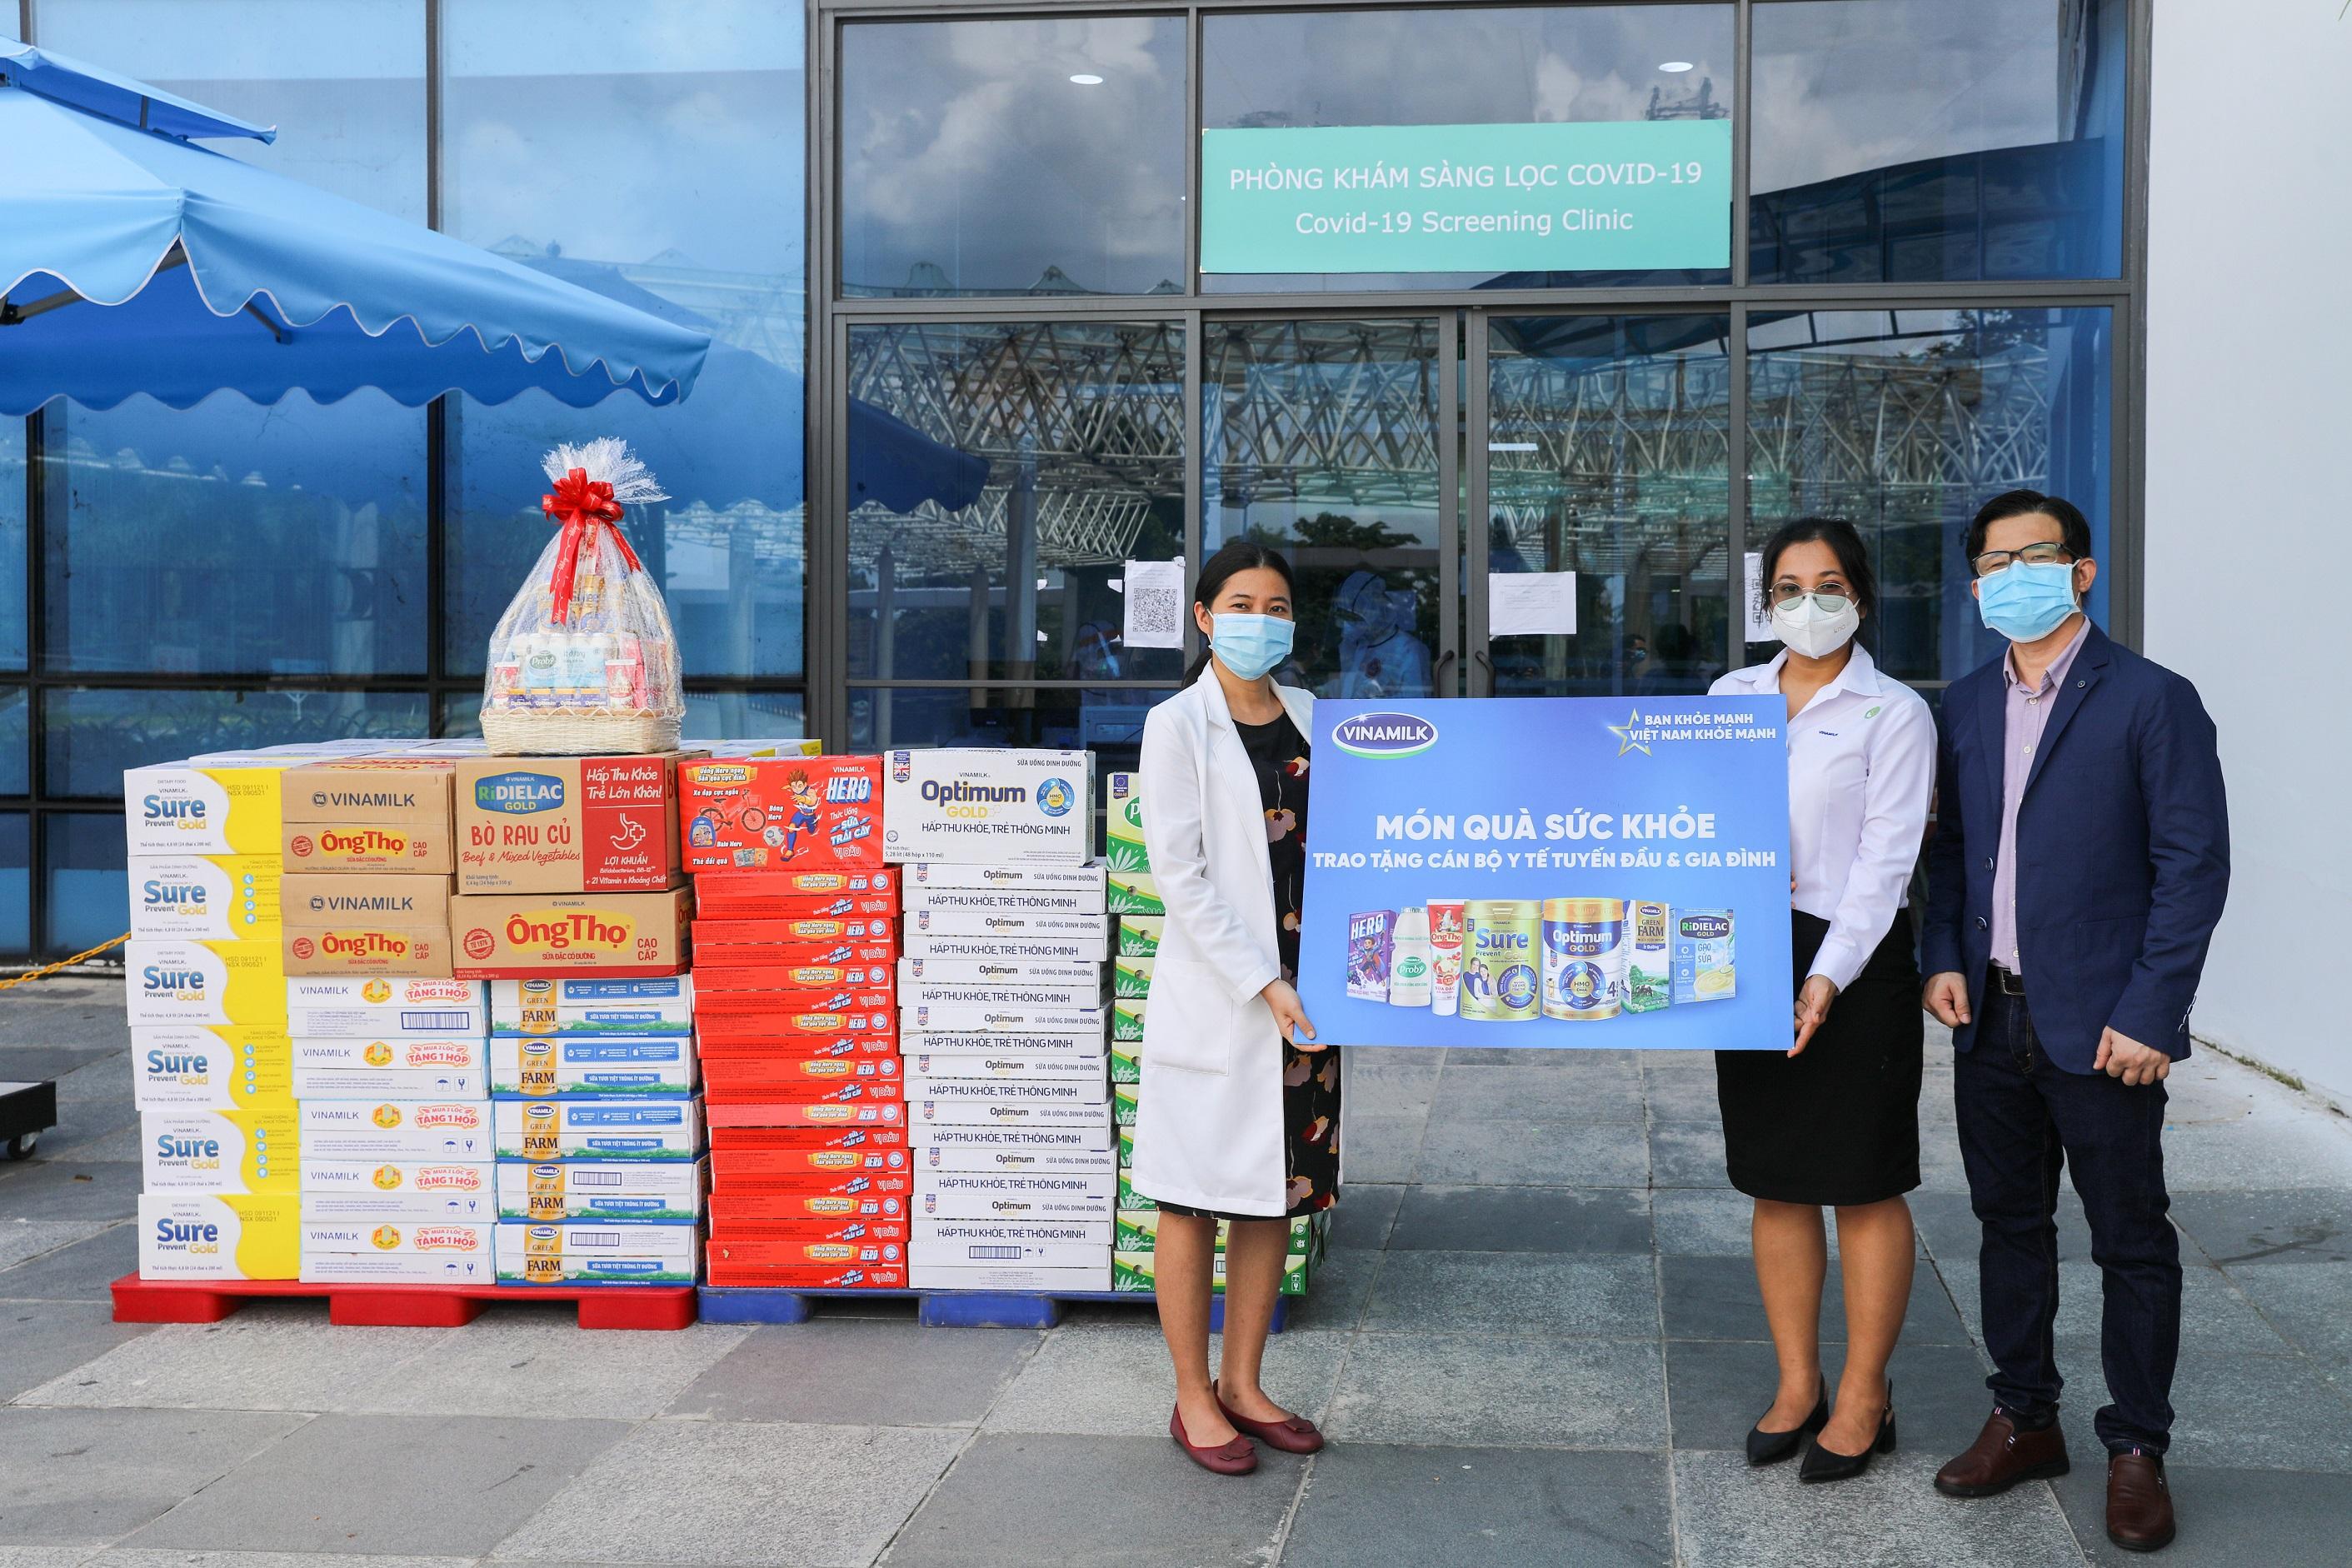 Song song với việc hỗ trợ người tiêu dùng, Vinamilk đã thực hiện nhiều chương trình vì cộng đồng như tiếp sức tuyến đầu tại 50 bệnh viện, tặng 45.000 phần quà cho người dân gặp khó khăn…